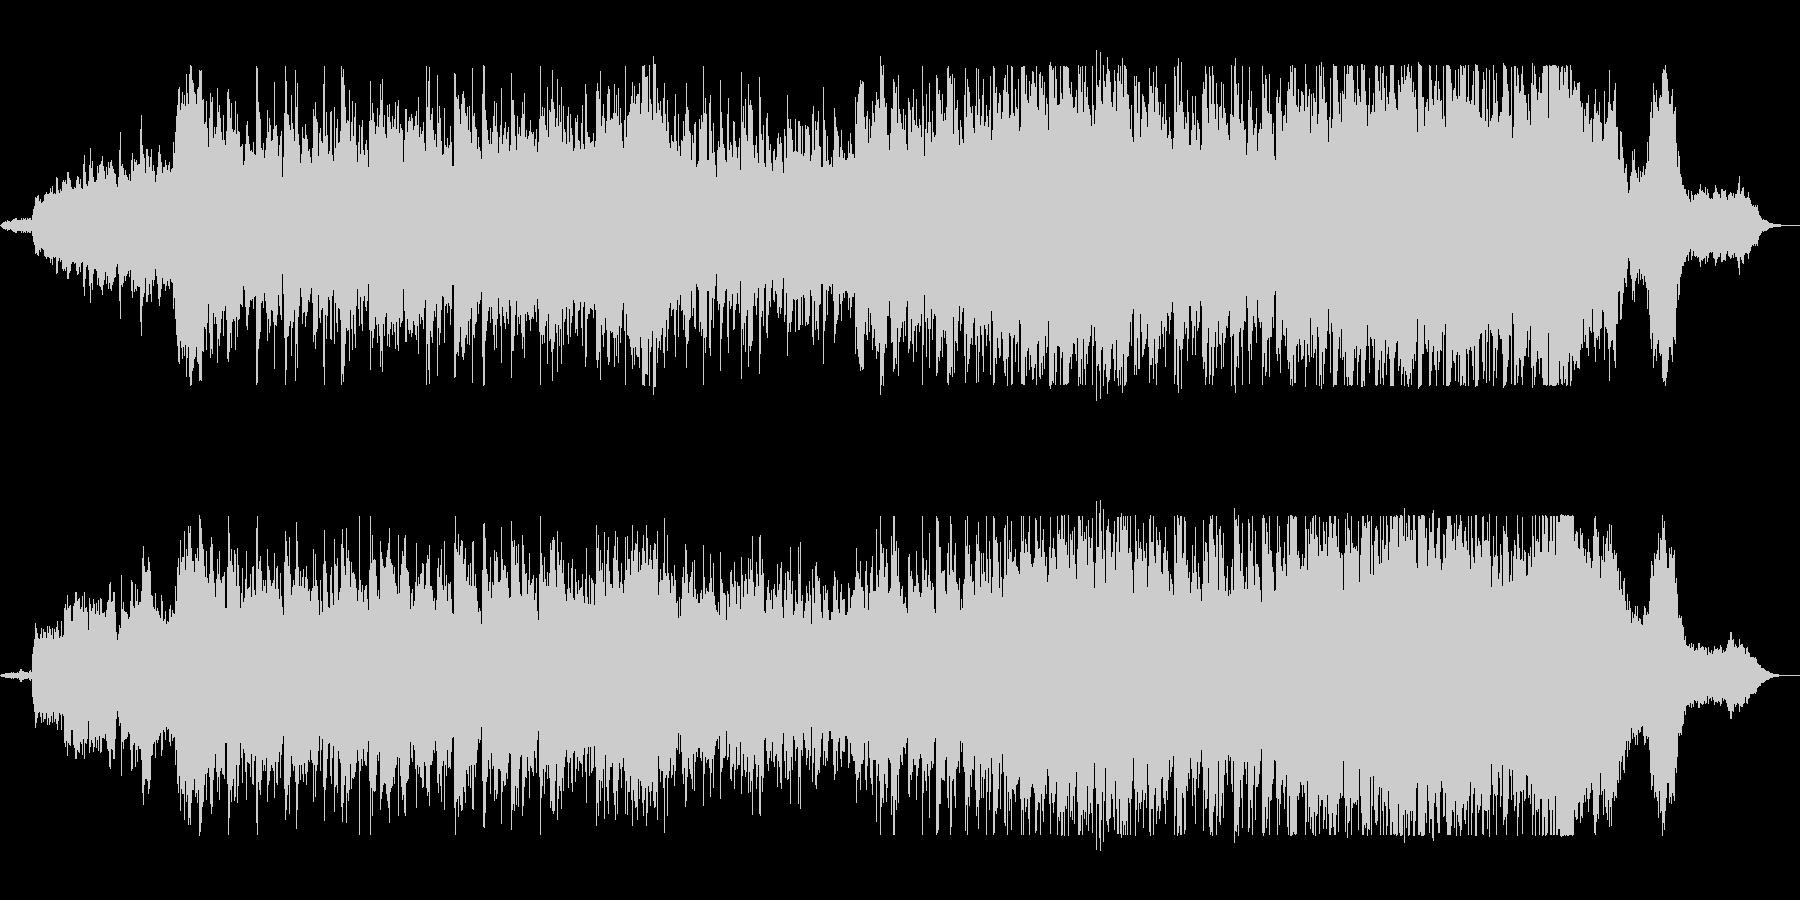 壮大で優雅なシンセサイザーサウンドの未再生の波形